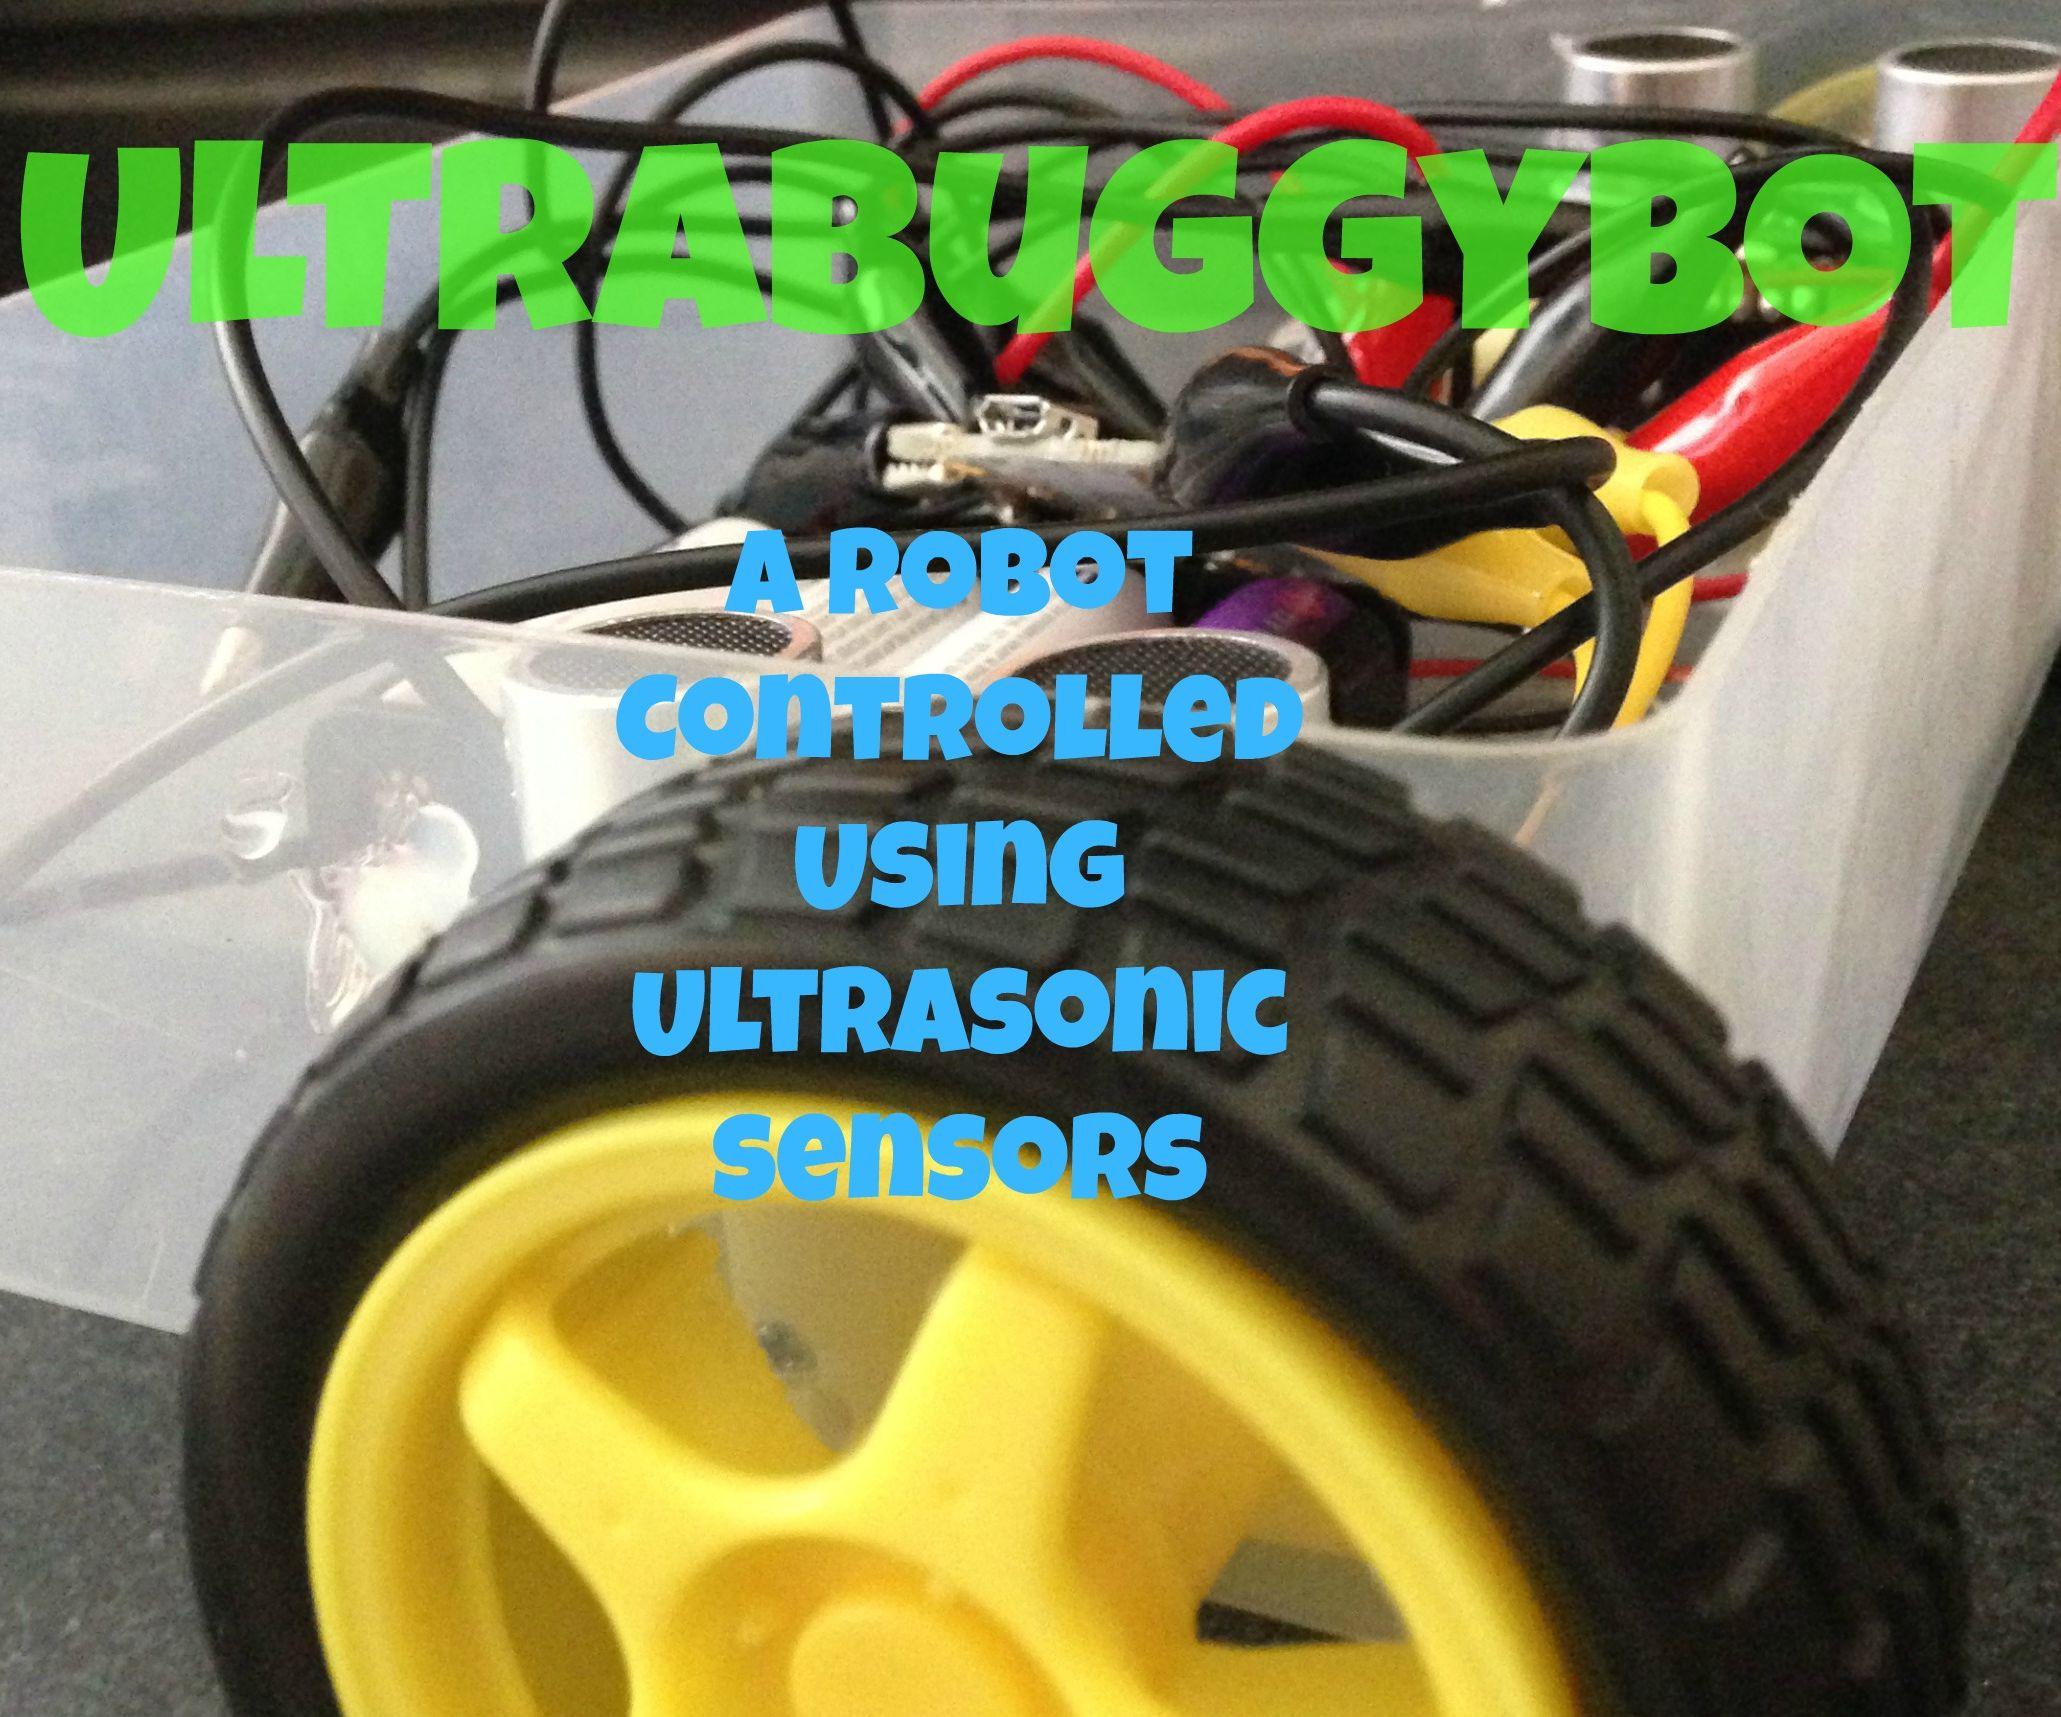 UltraBuggyBot - Robot Controlled Using Ultrasonic Sensors